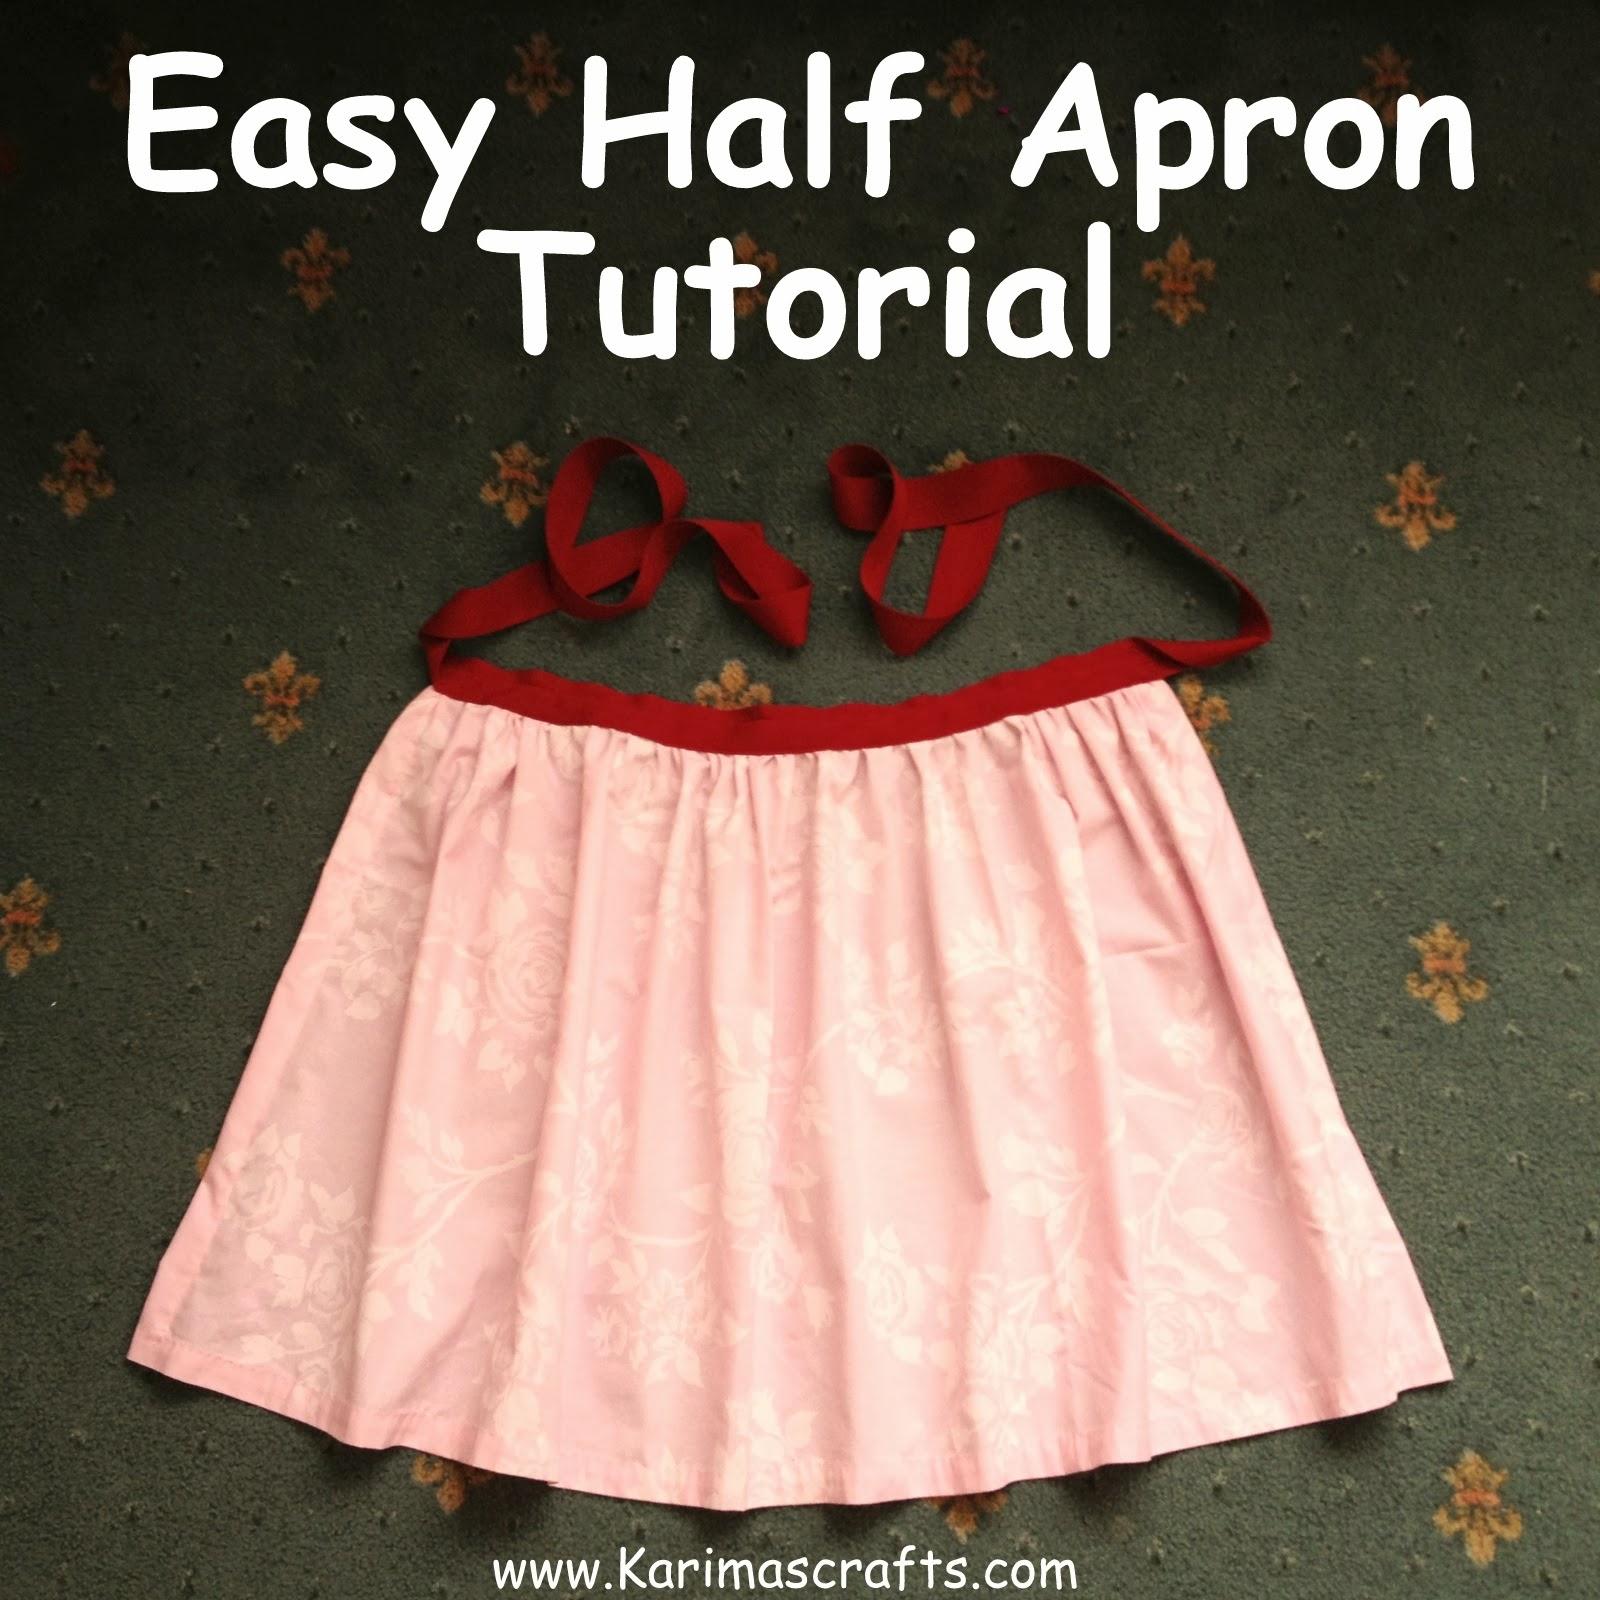 Karima's Crafts: Easy Half Apron Tutorial